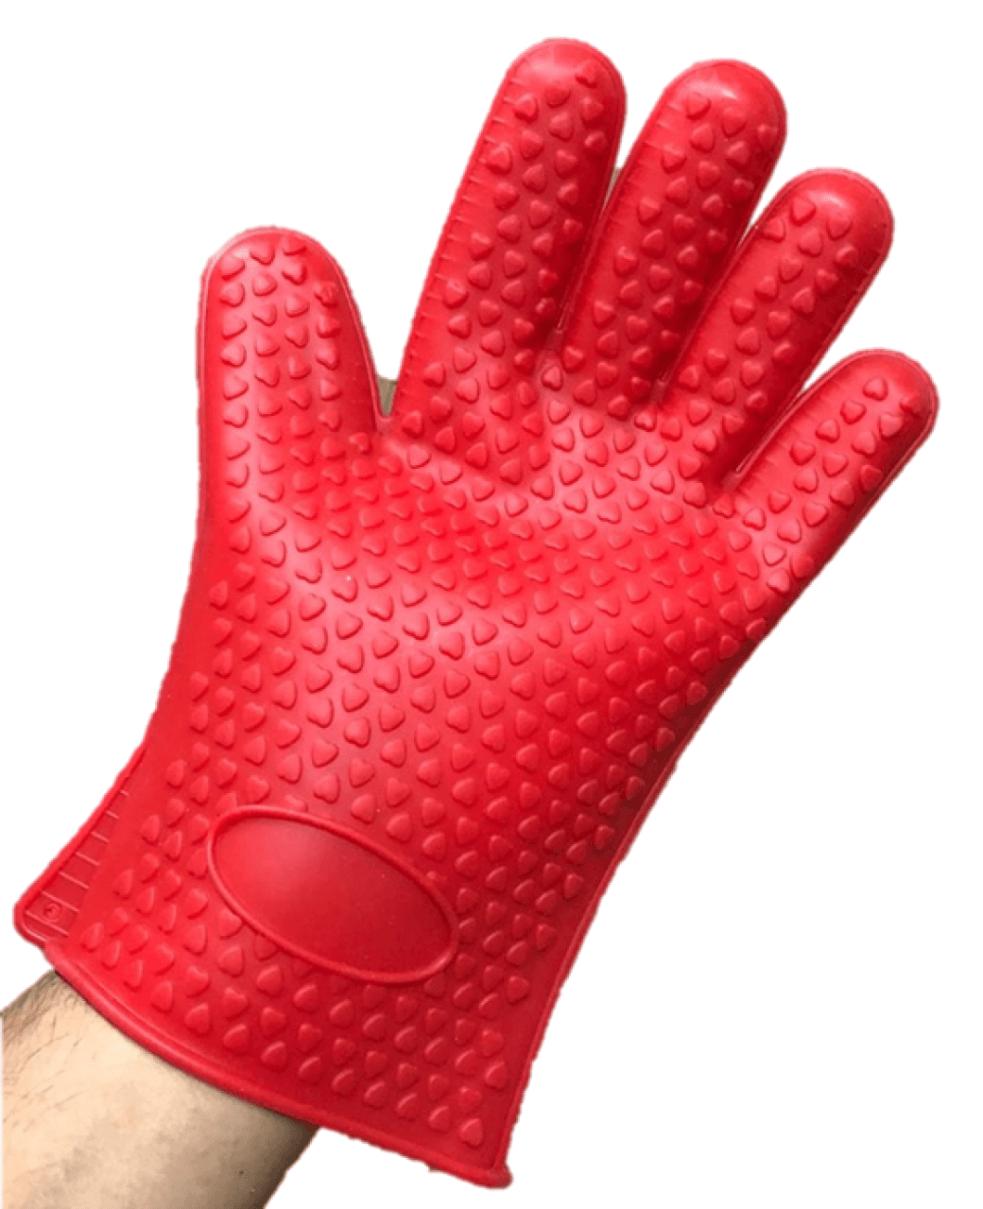 Luva de cozinha térmica silicone 5 dedos vermelha anti calor 230 graus